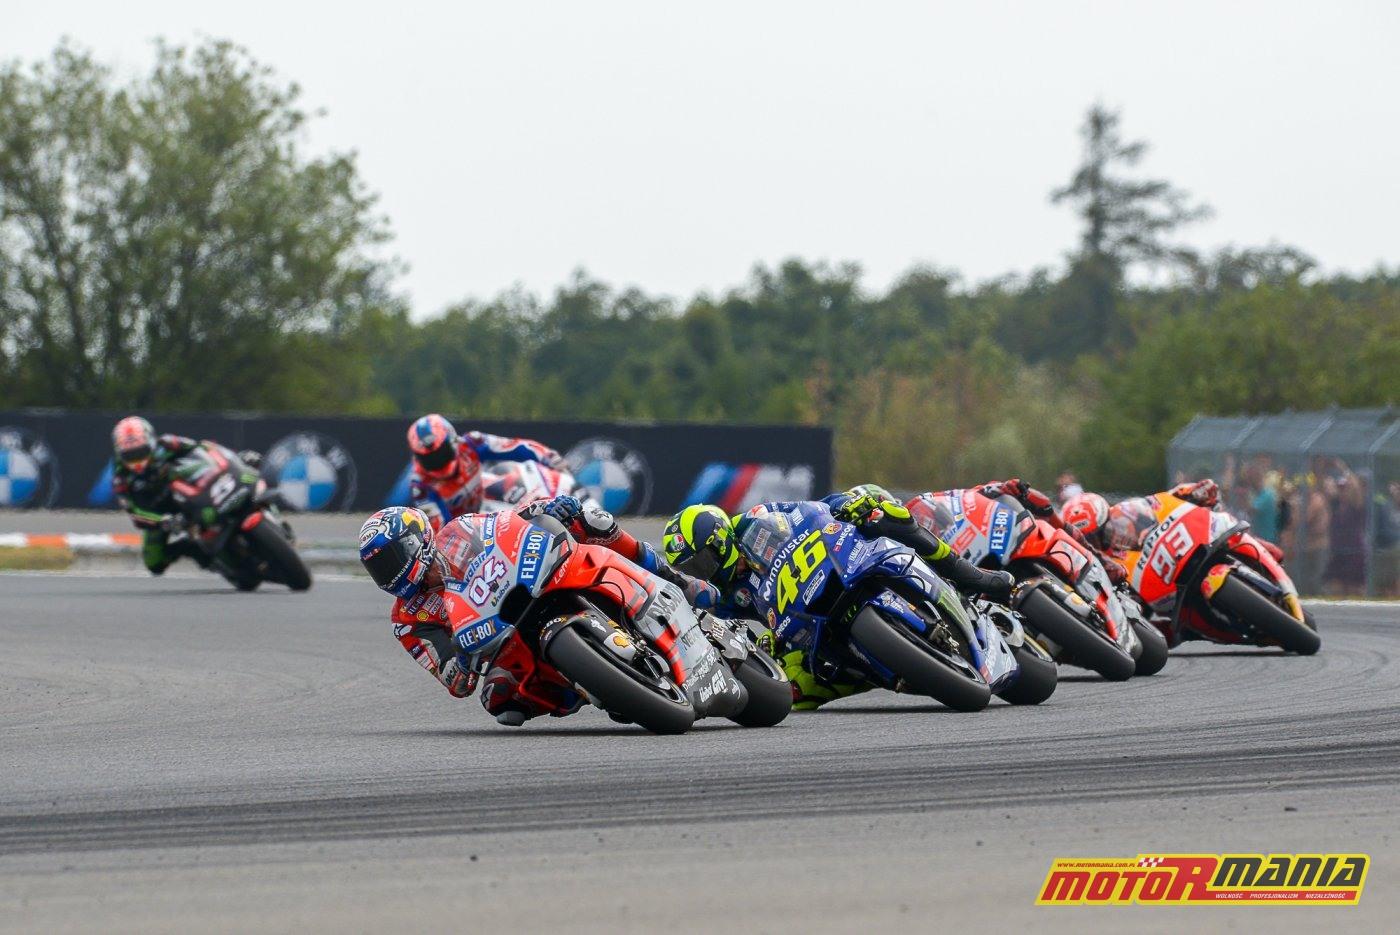 Wyścig MotoGP Brno 2018 - fot Waldek Walerczuk (22)